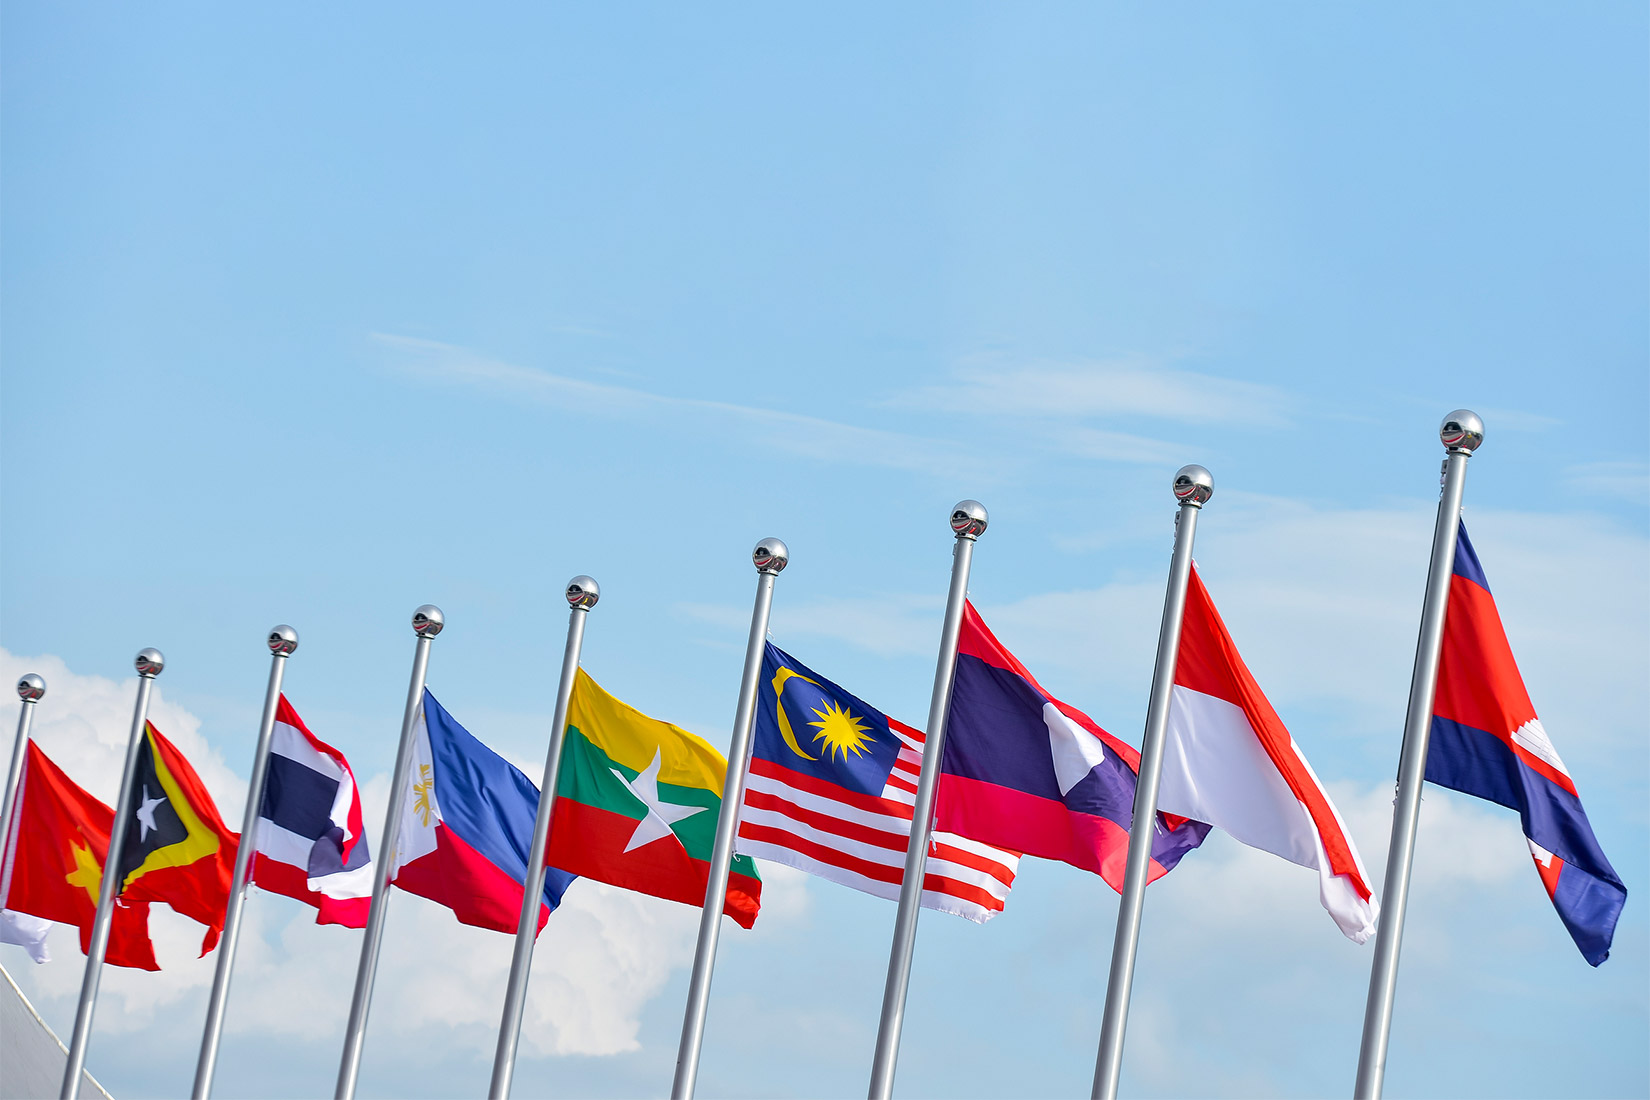 韓国の新たな対ASEANアプローチ――「新南方政策」とASEANの反応